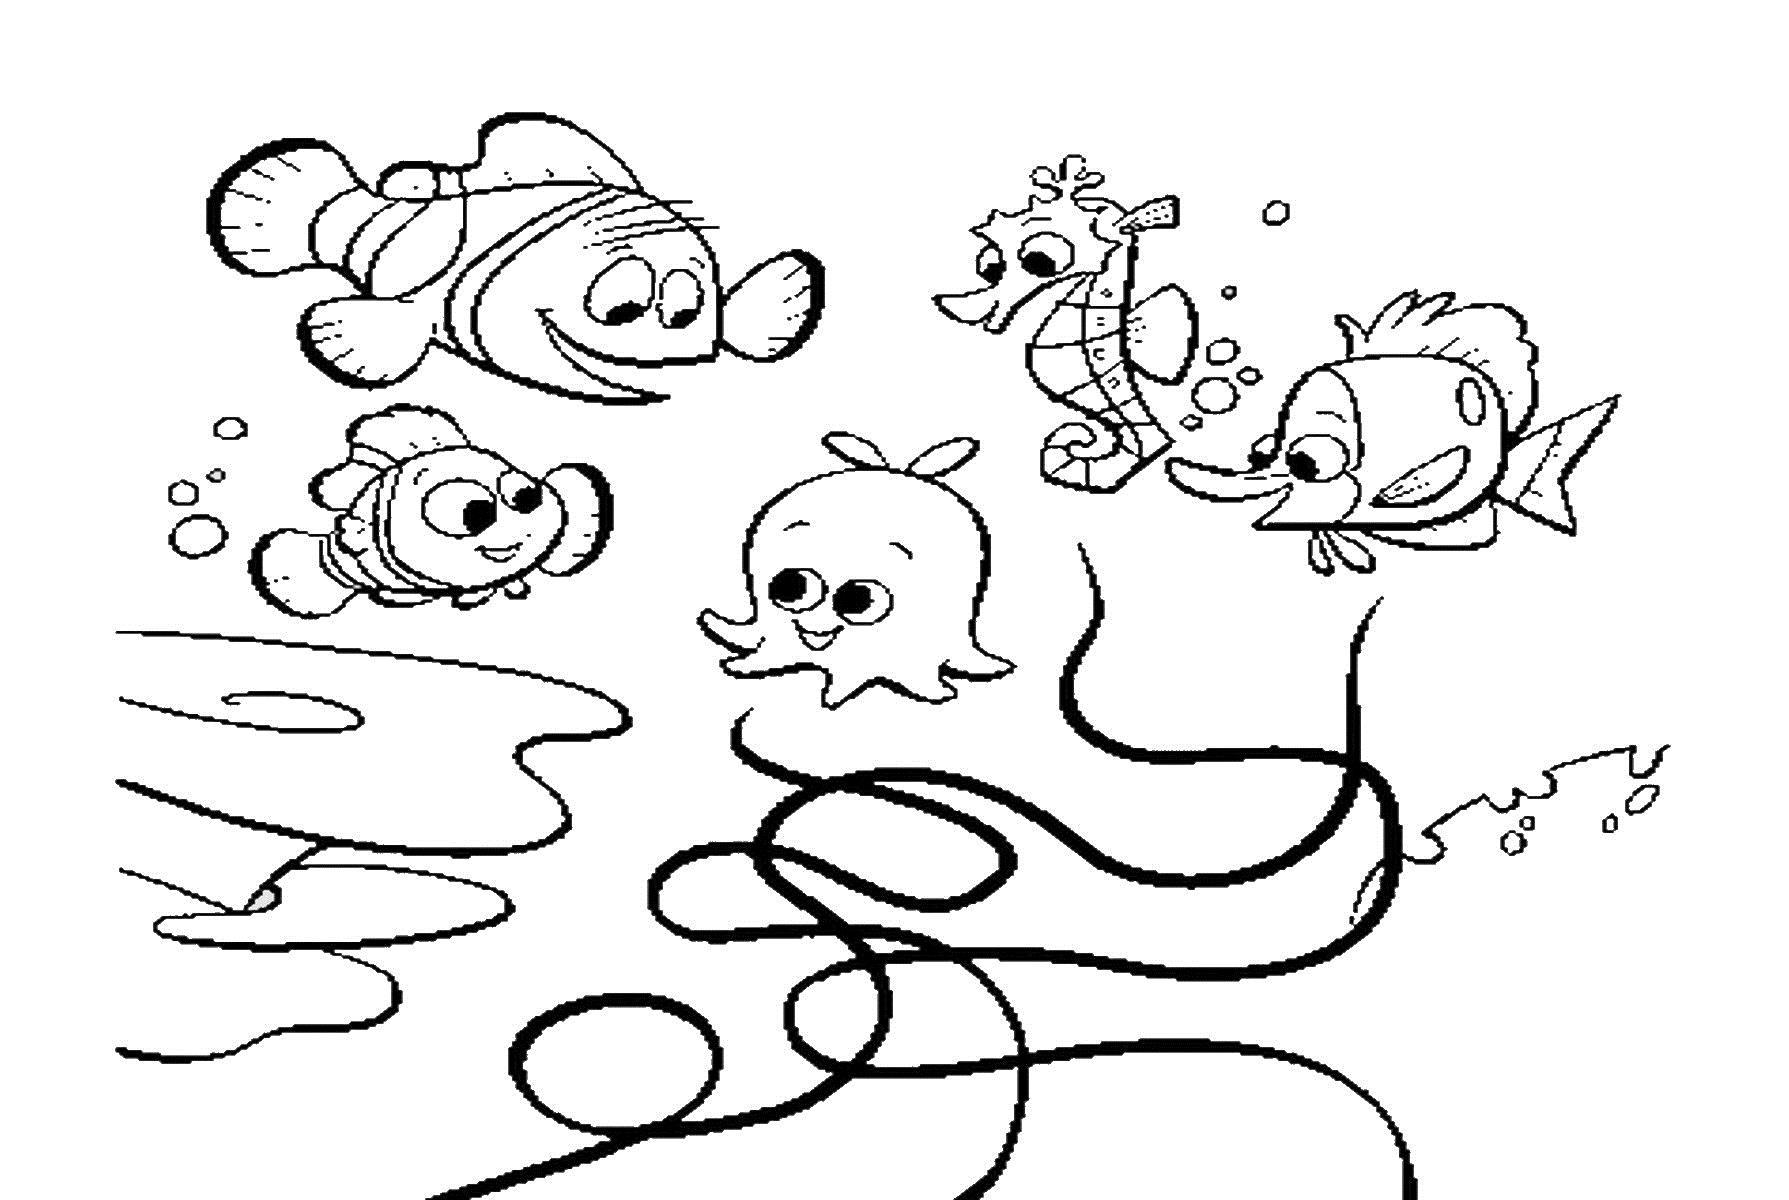 Рыбки, морской конек, медуза Скачать новые раскраски цветы